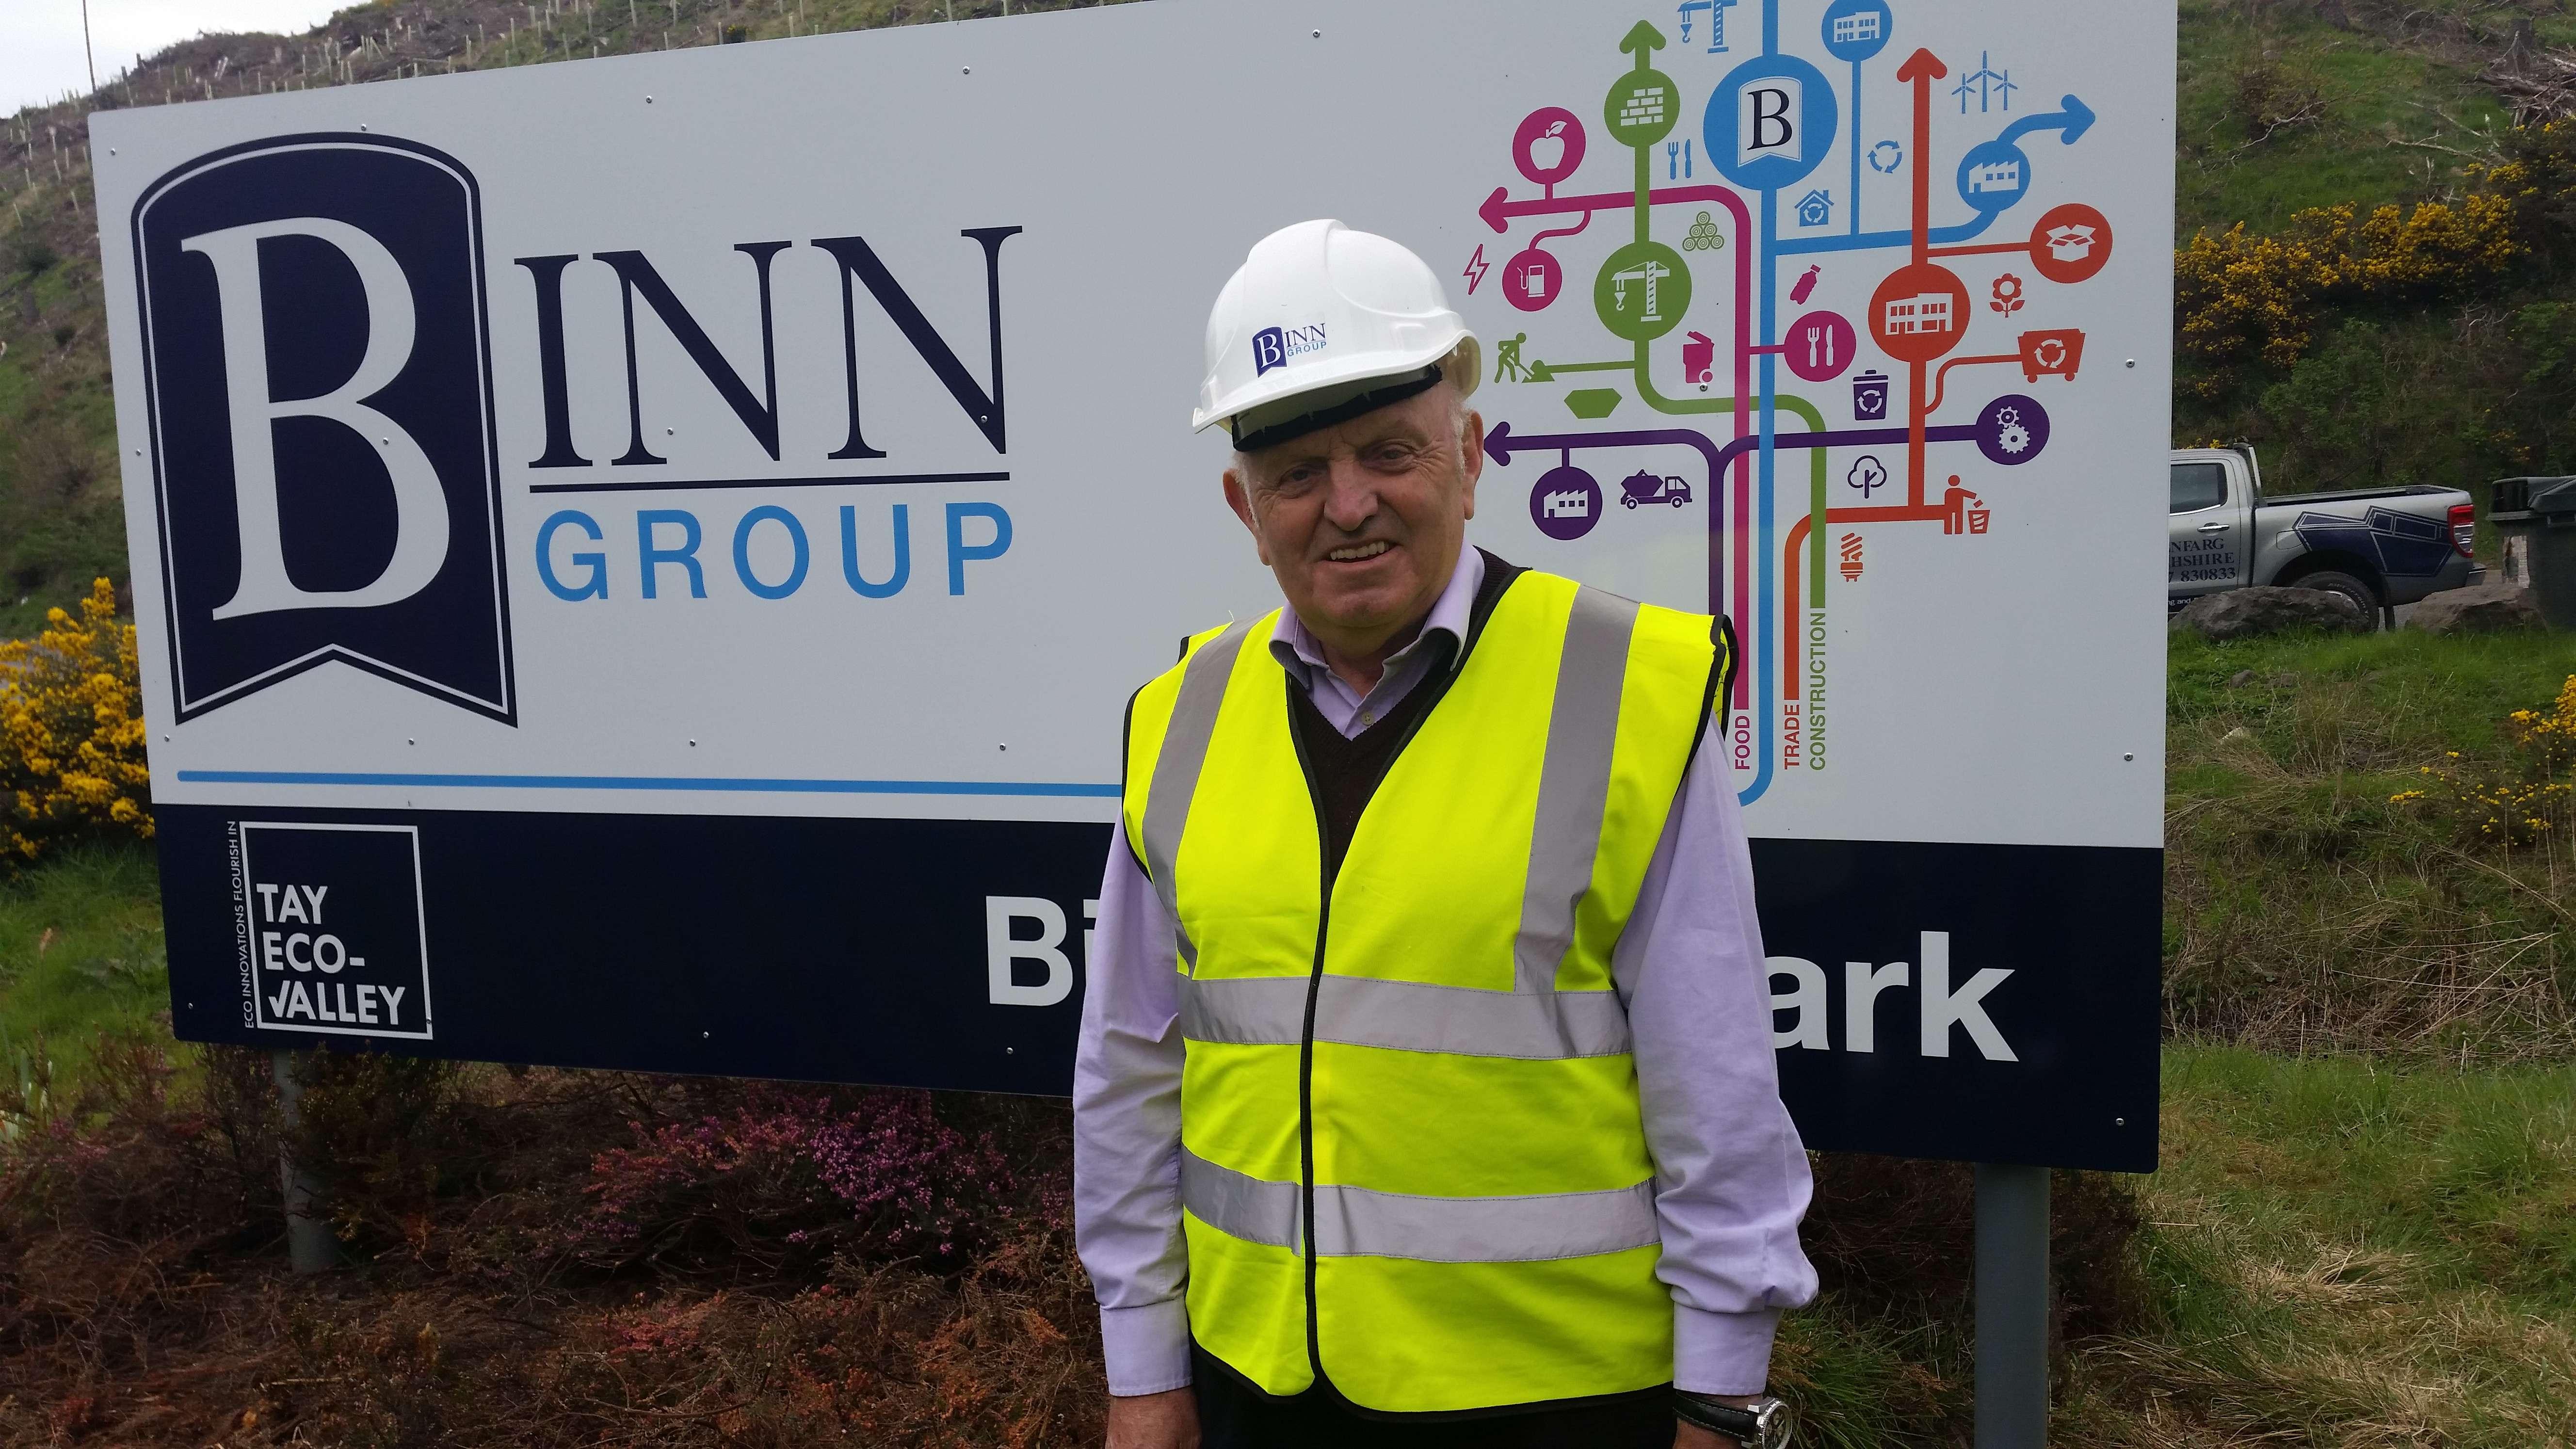 Binn Group Ltd